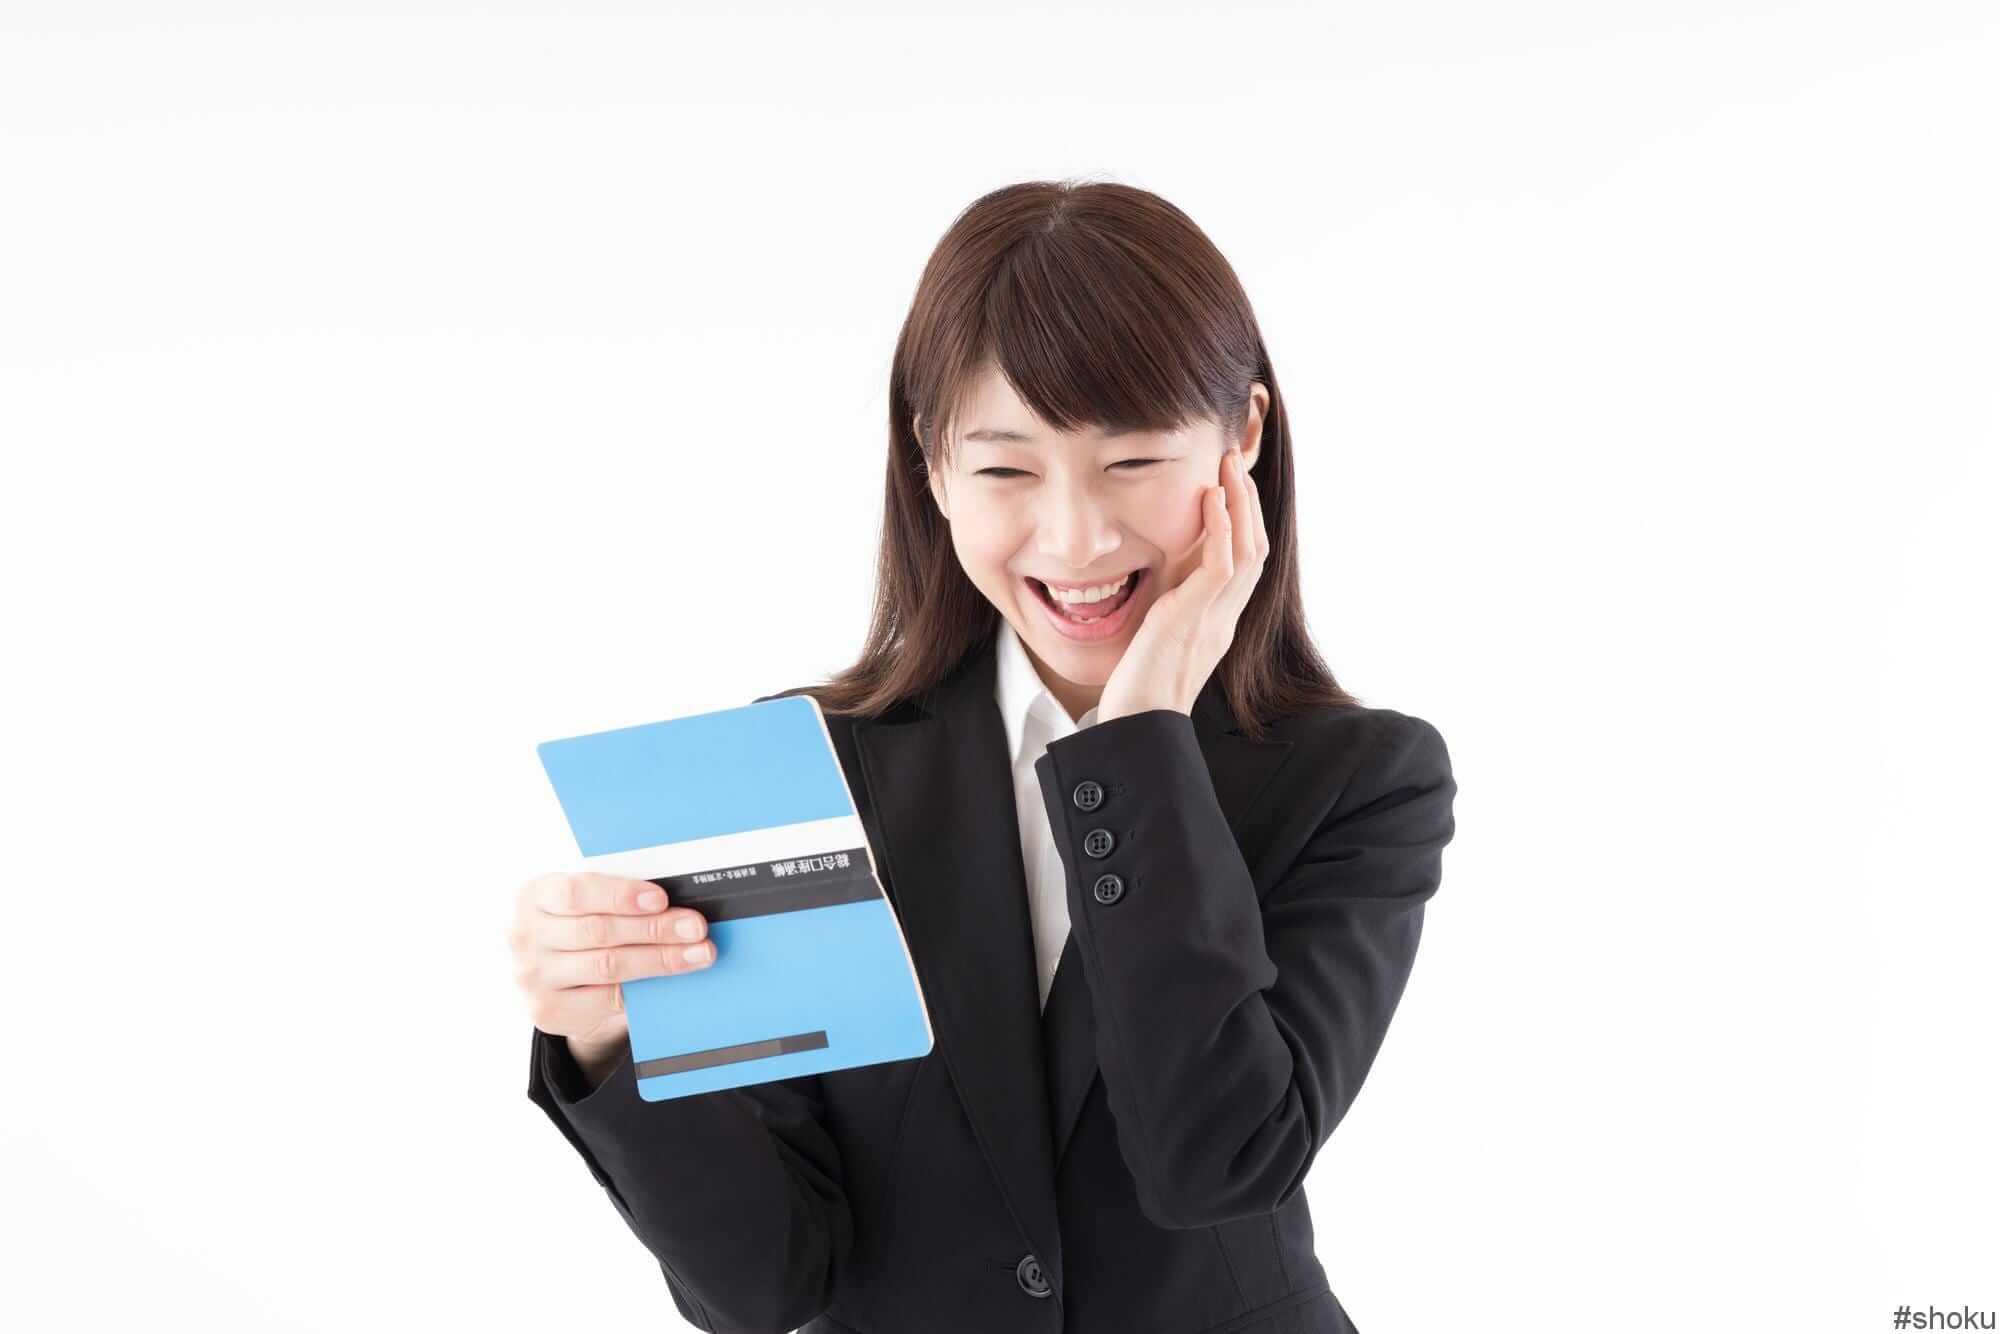 経理職の派遣スタッフの時給がアップして喜ぶ女性